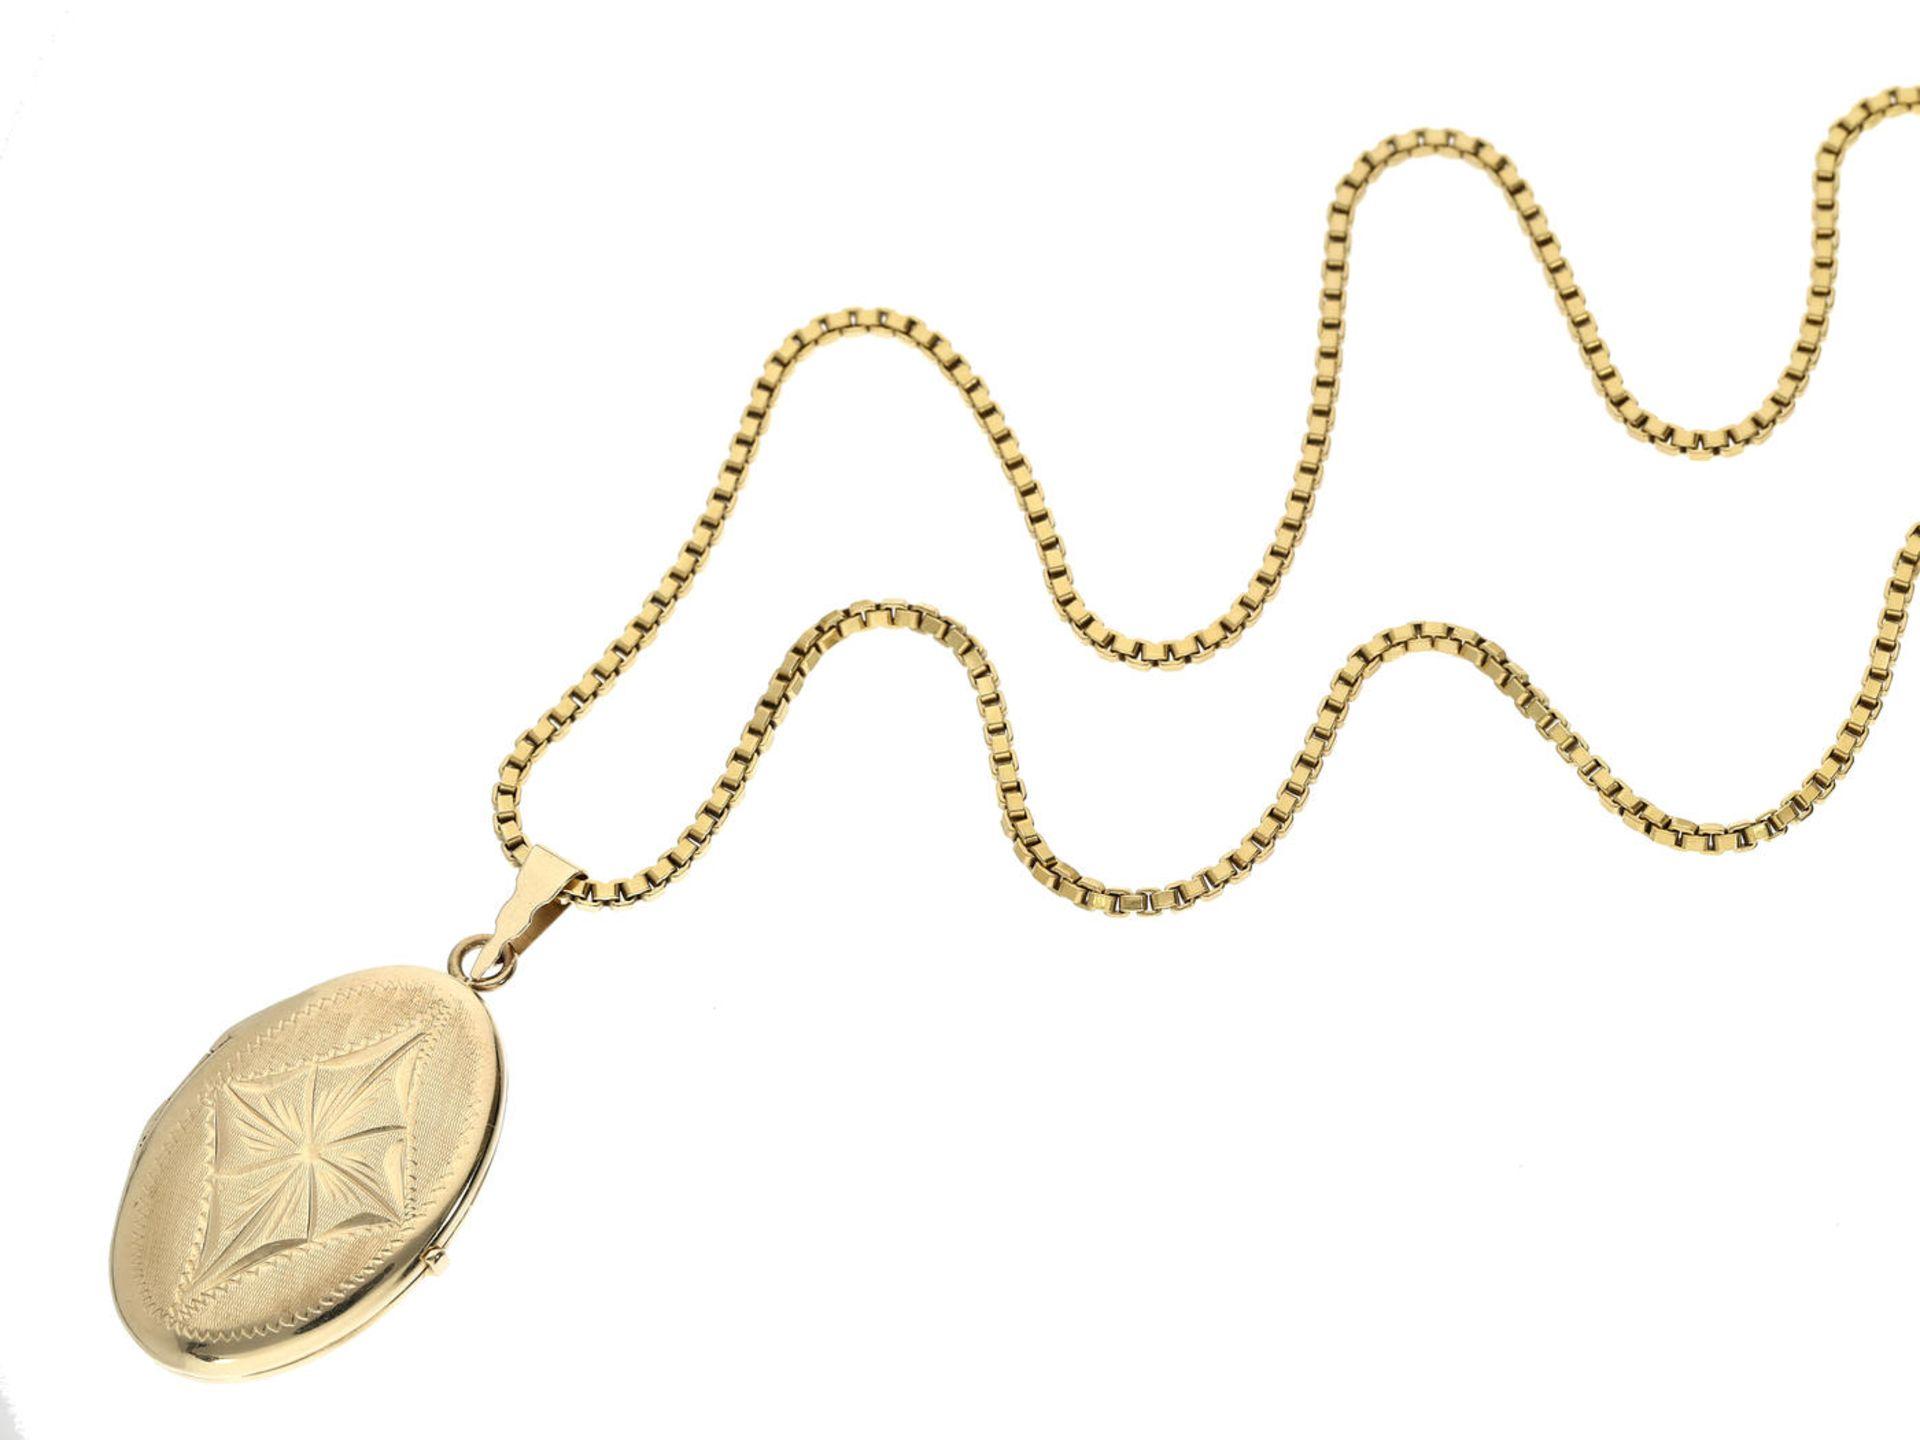 Kette/Anhänger: vintage Medaillon an langer Halskette, 14K Gold Kette ca. 60cm lang, Anhänger ca.